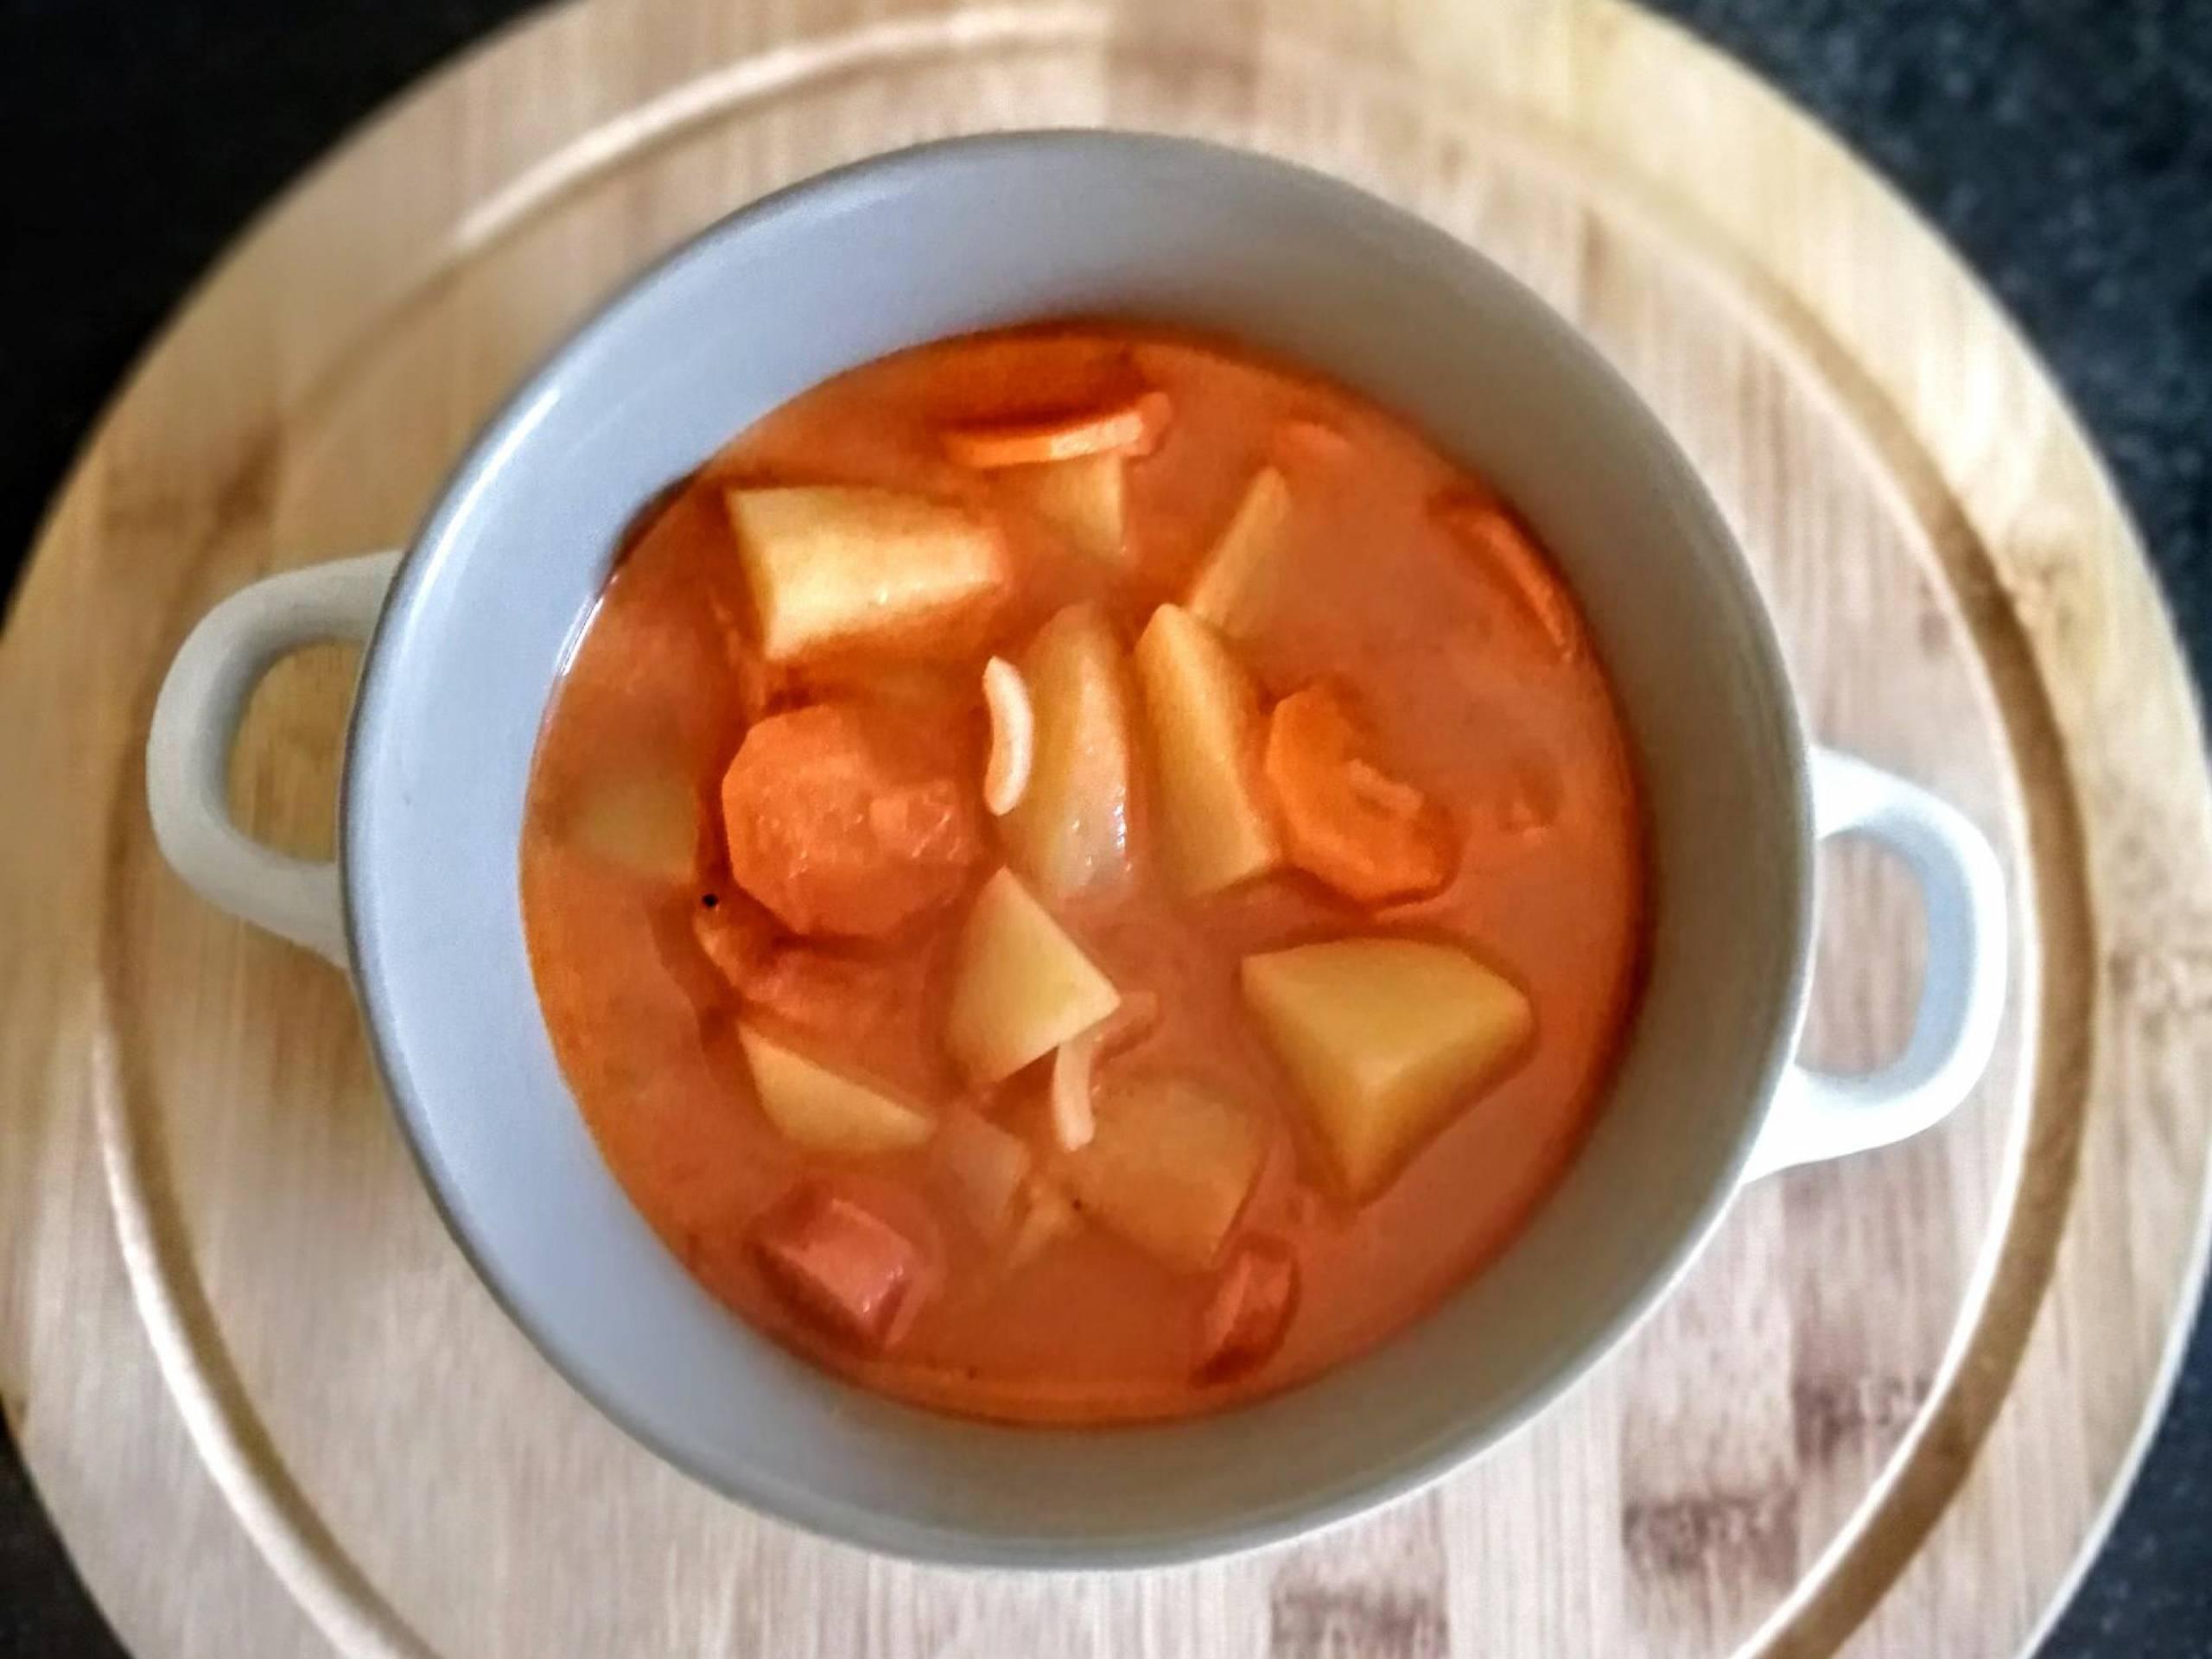 Gulášová polievka so zemiakmi a párky v hrnčeku s uškami na drevenej tácke